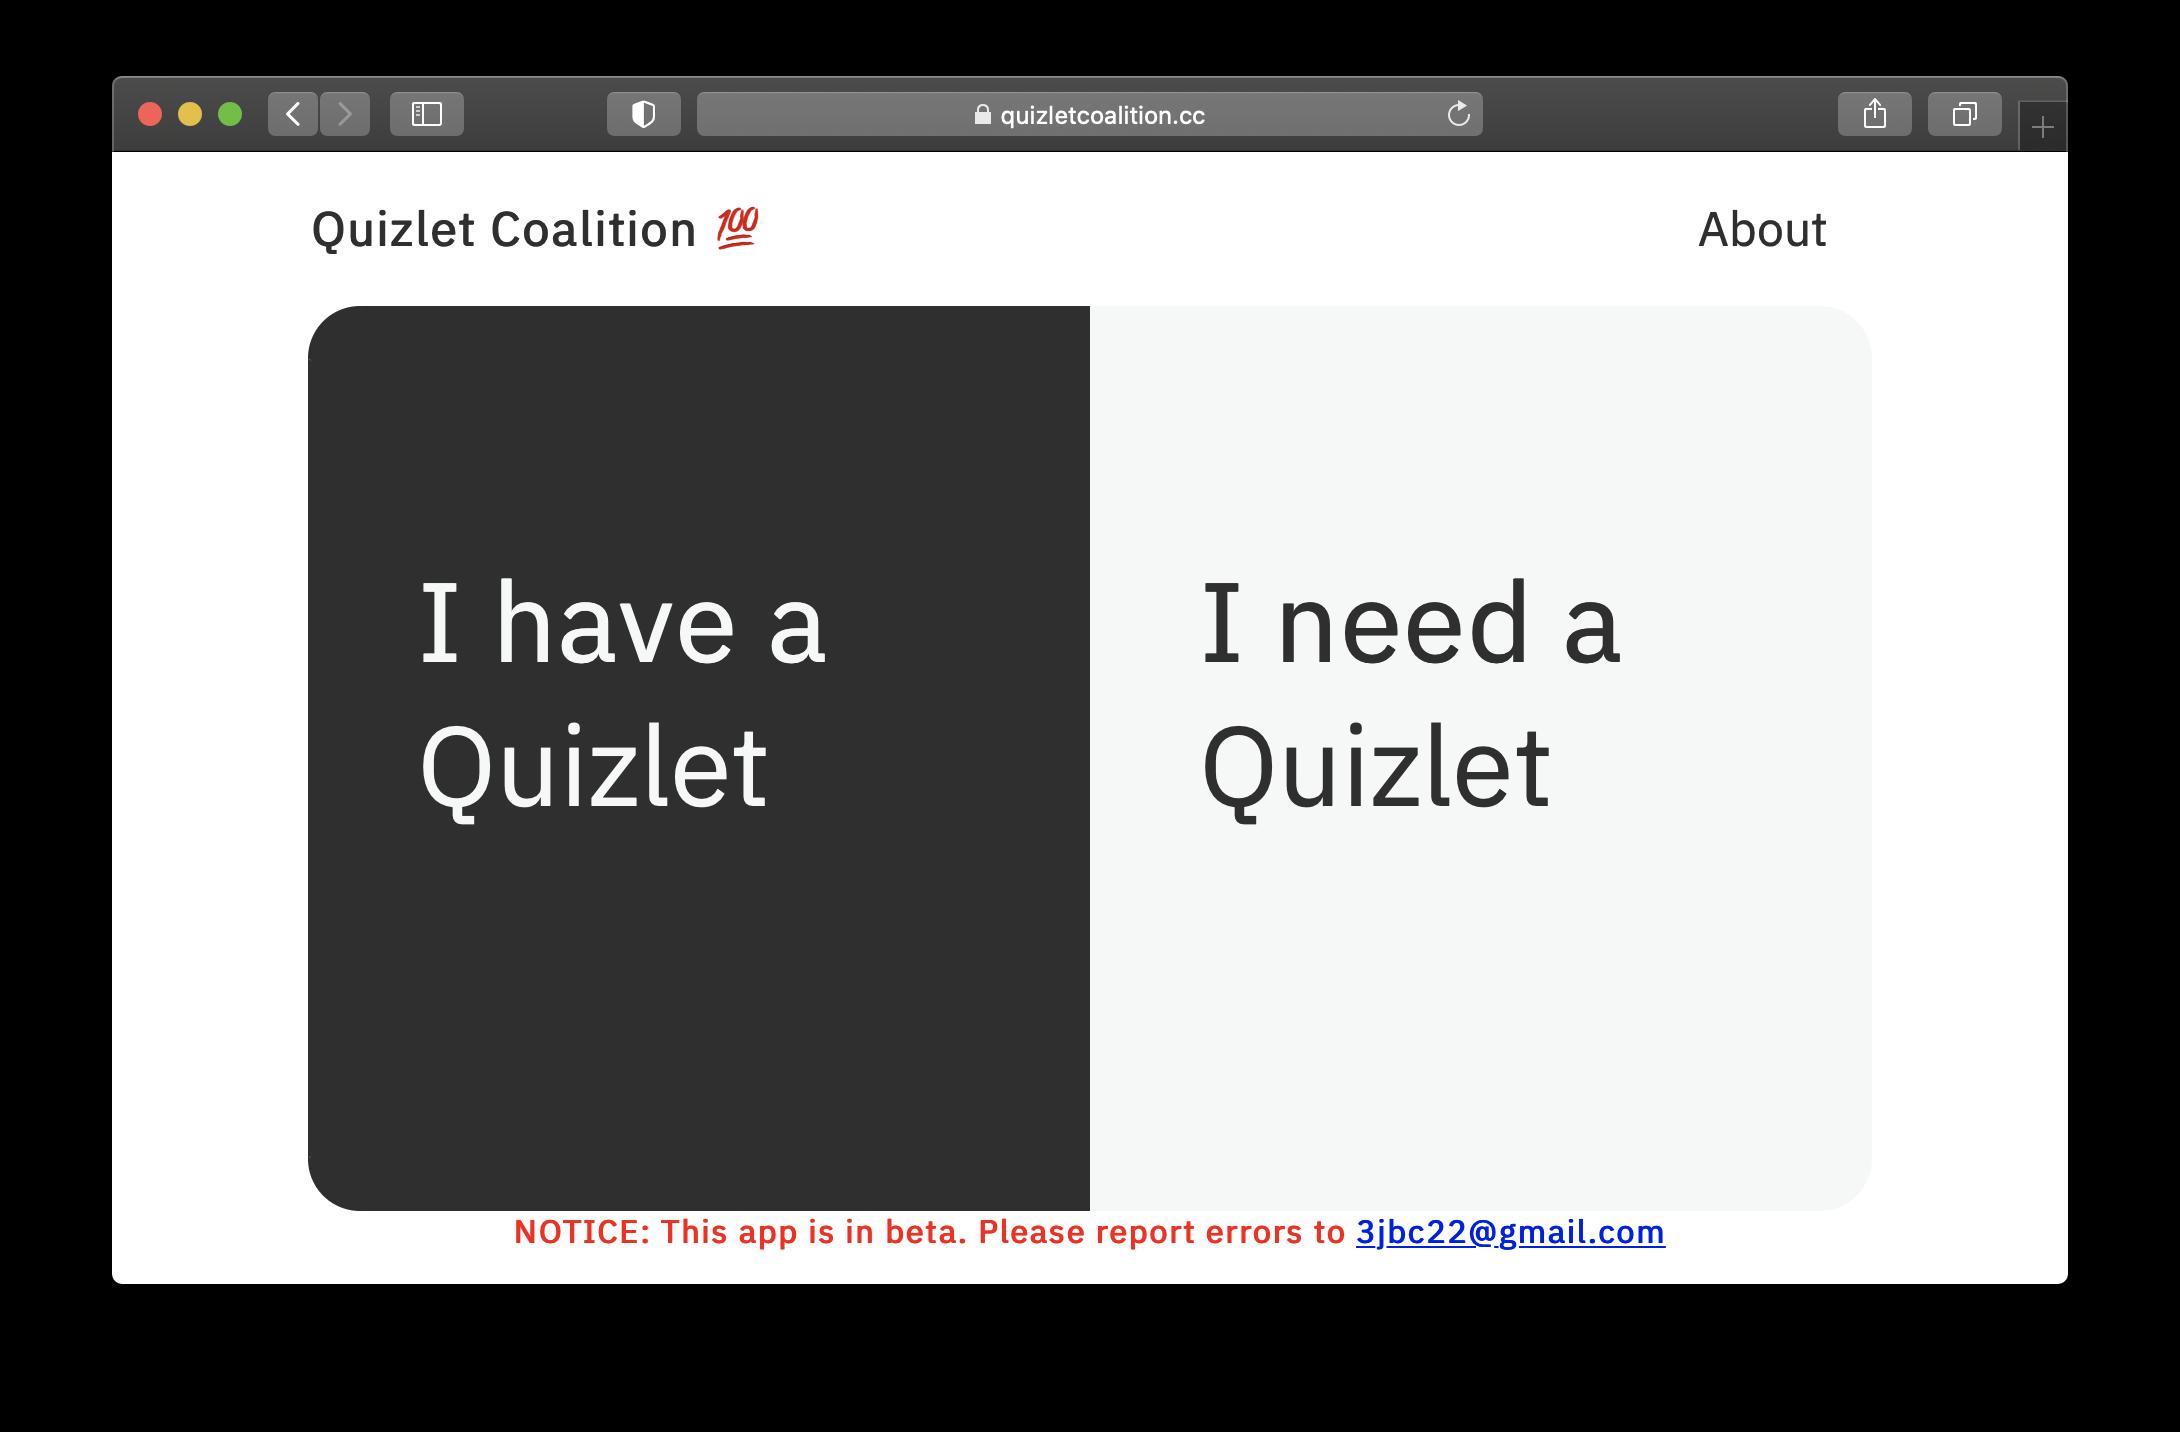 Quizlet Coalition Screenshot